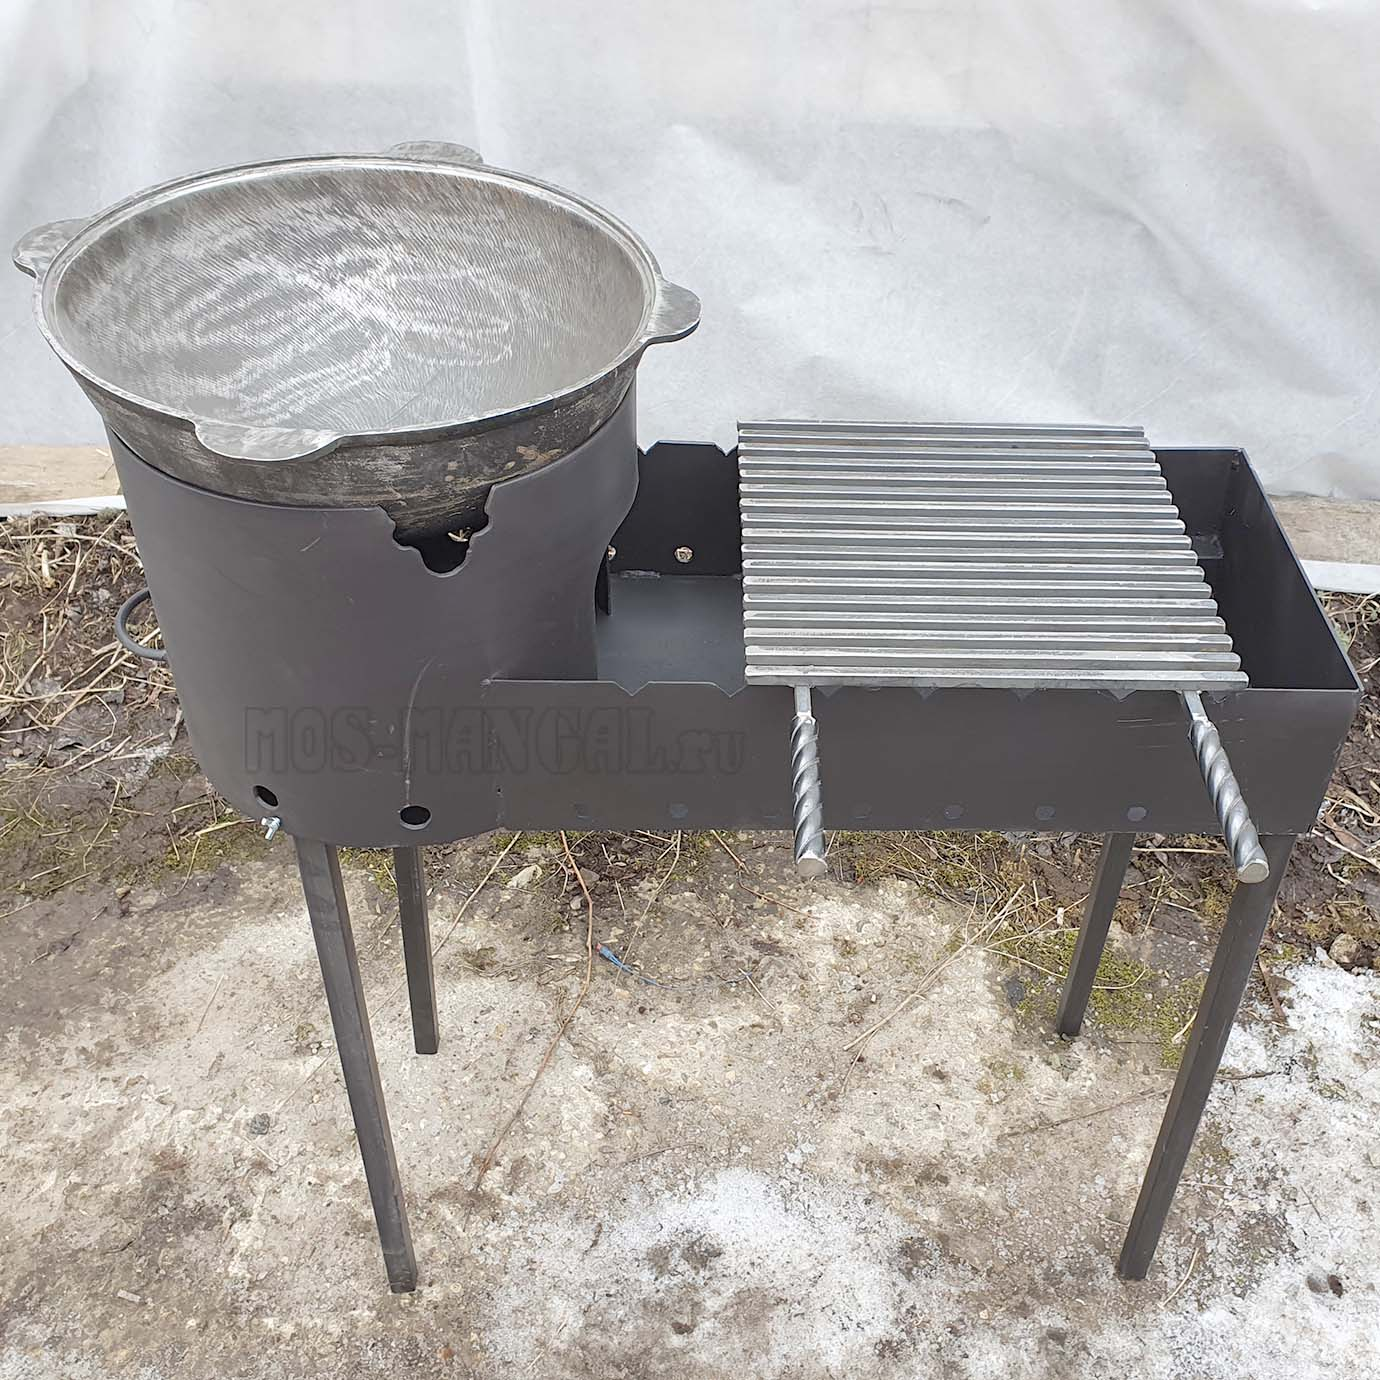 Казан-мангал #812 (сталь 3 мм) в дополнительной комплектации с казаном и решеткой-барбекю